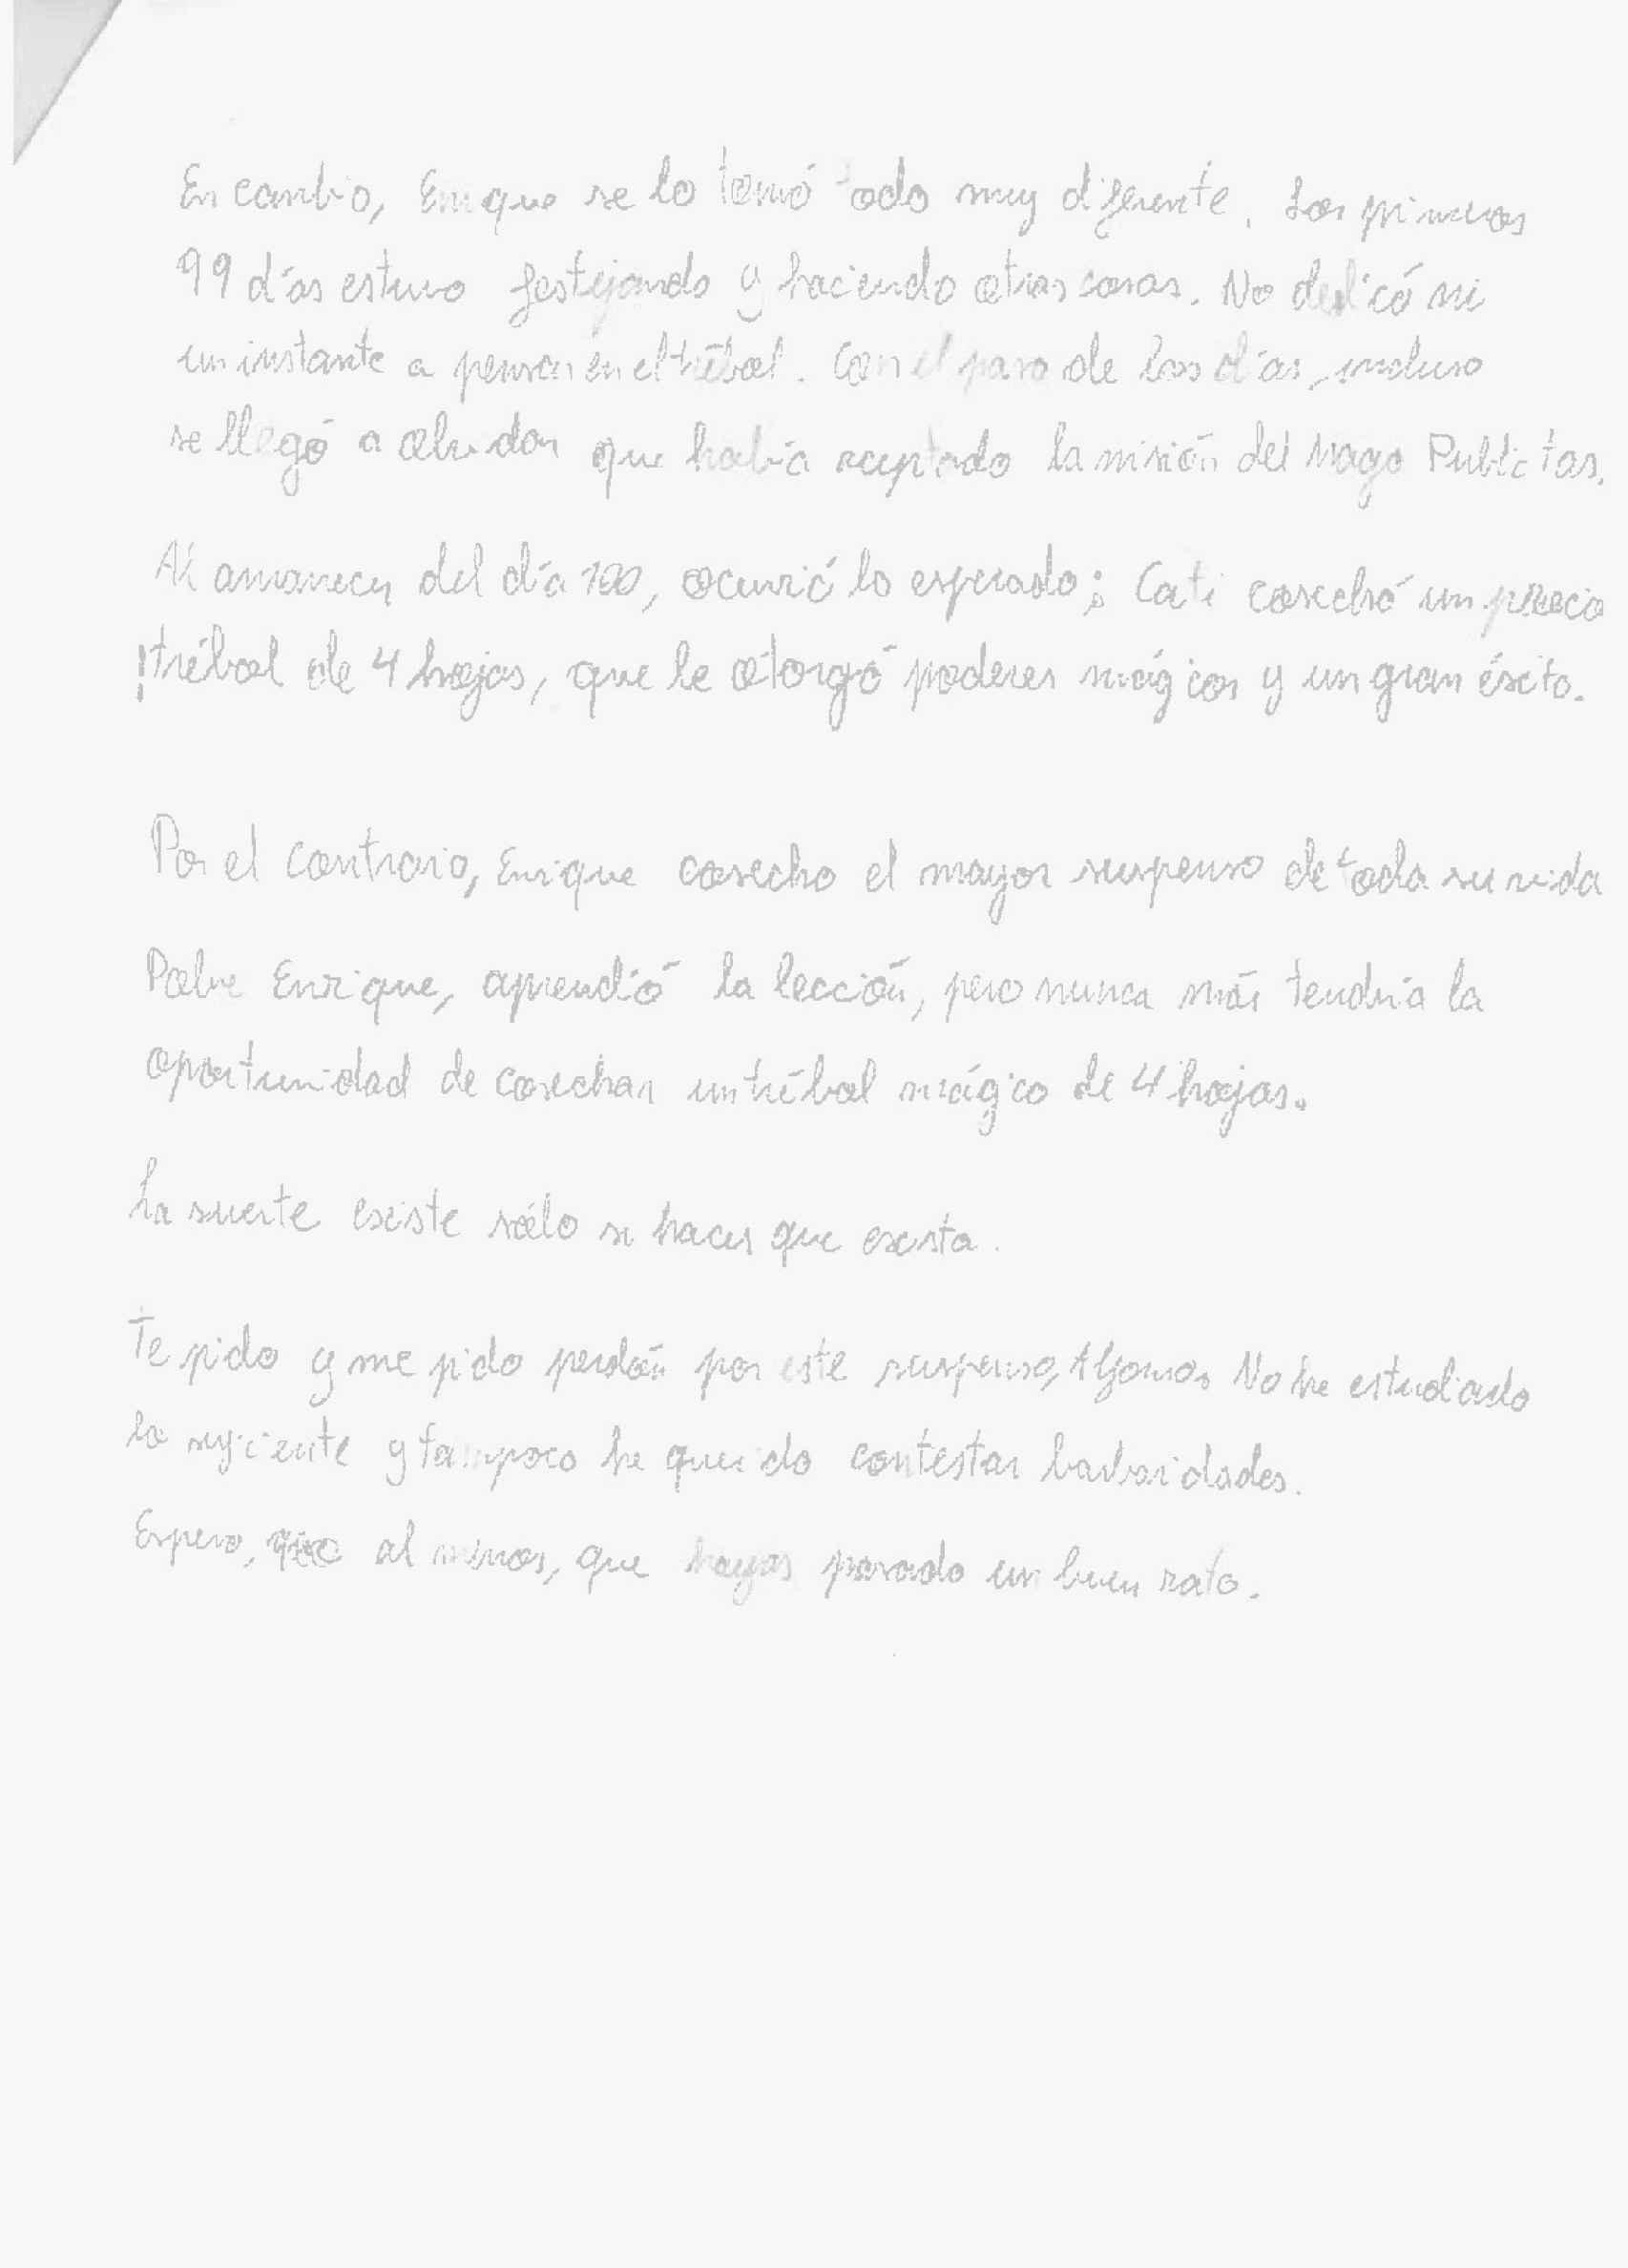 La segunda parte del relato que Enrique escribió en su examen de Publicidad.